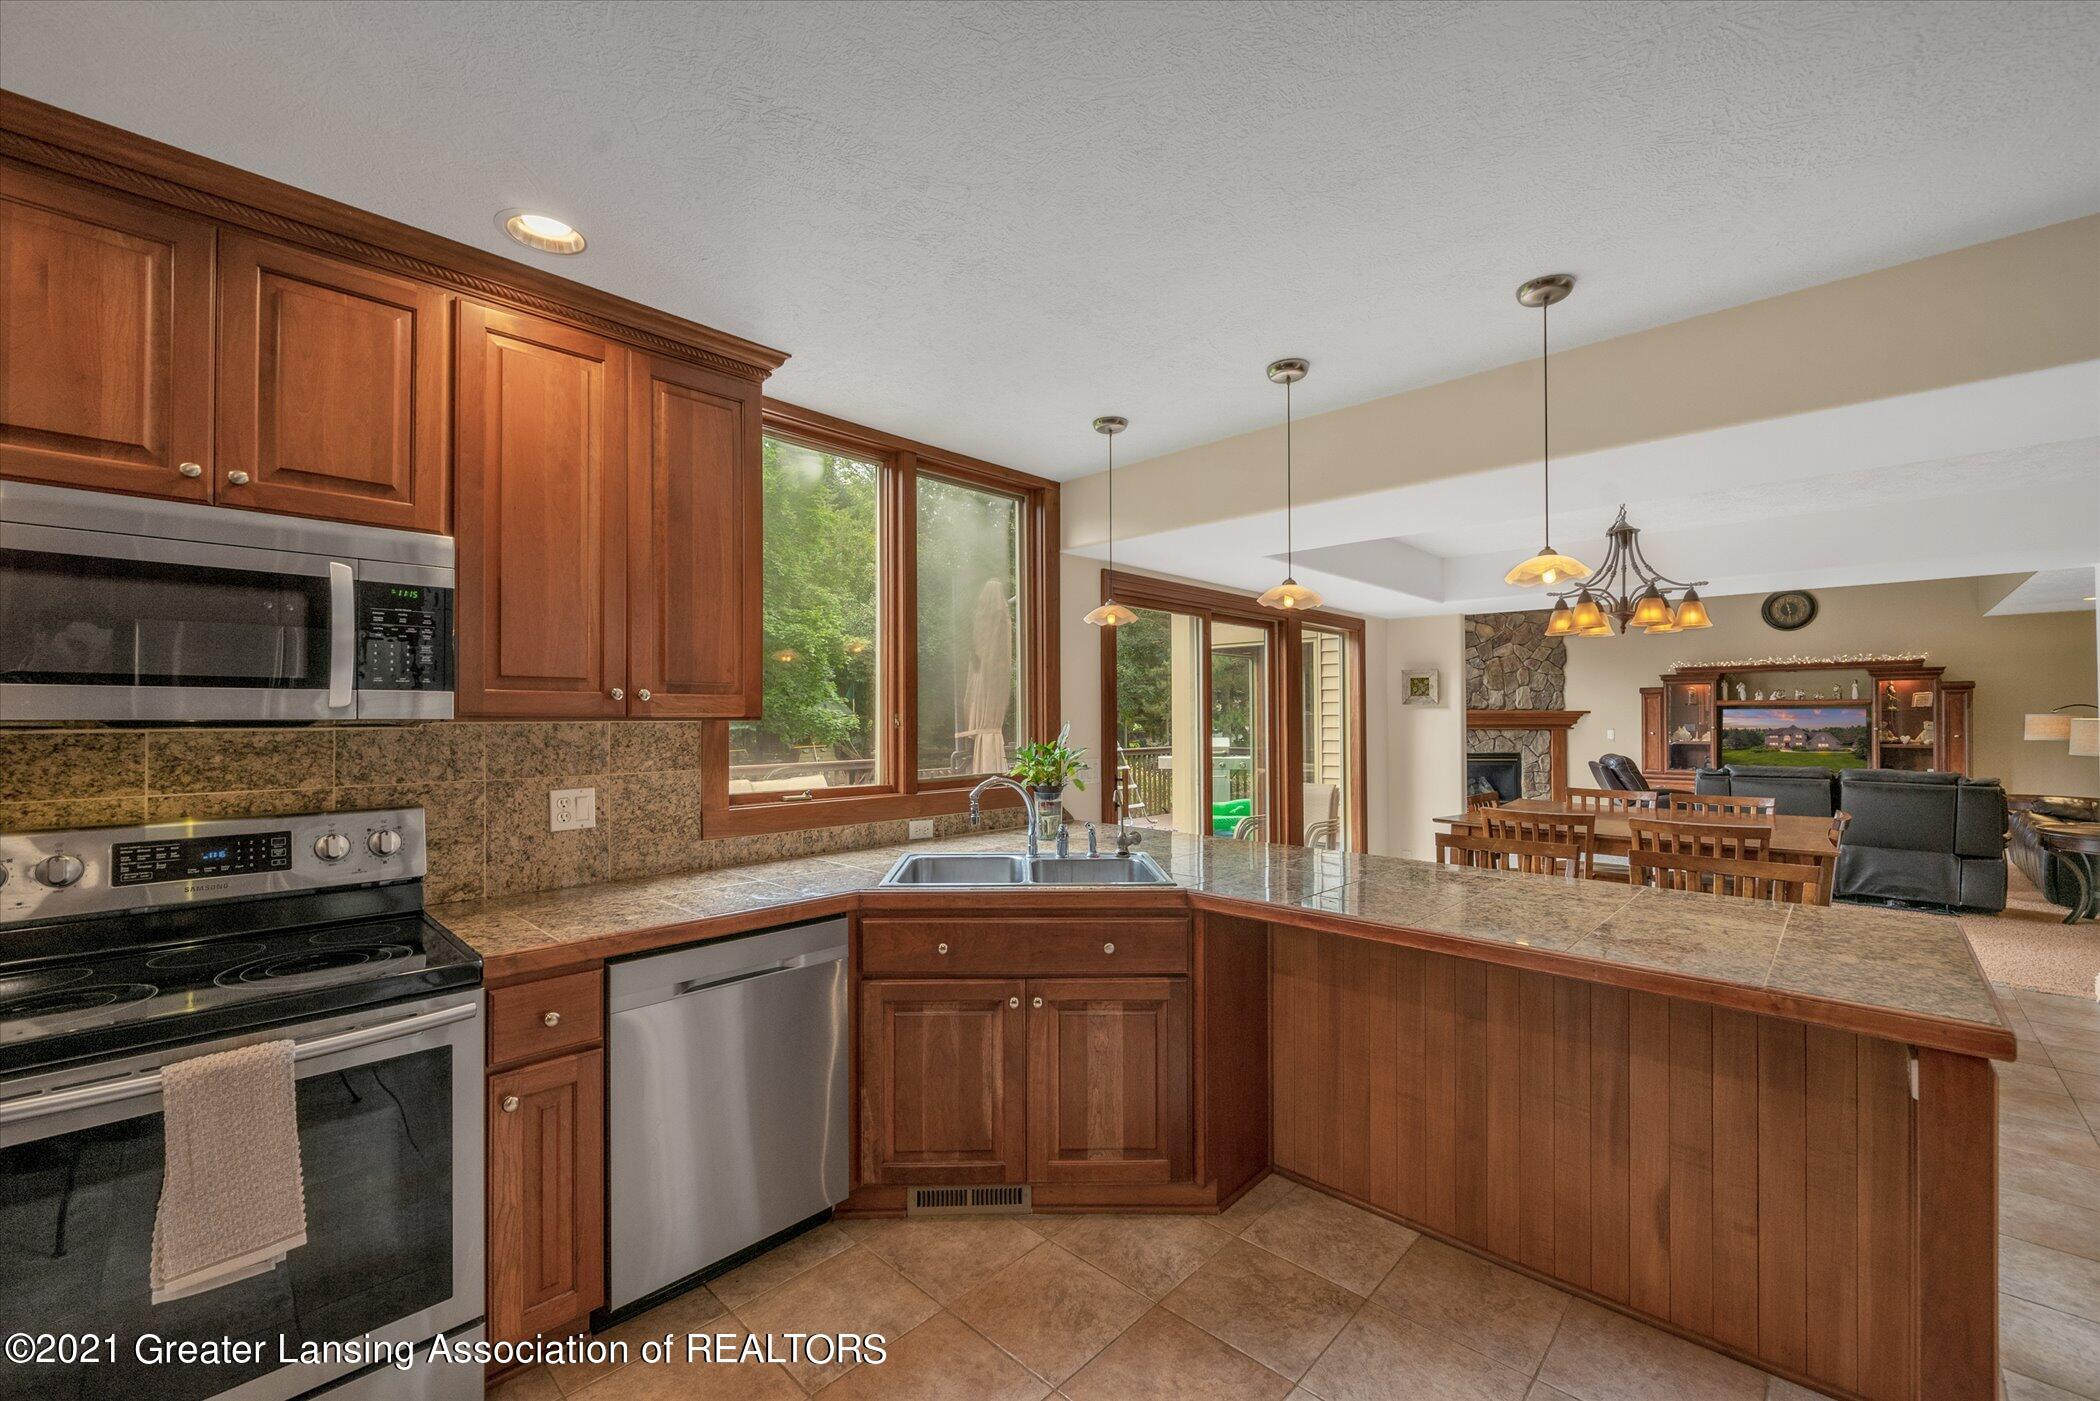 8100 Casandra Ln - MAIN FLOOR Kitchen - 14